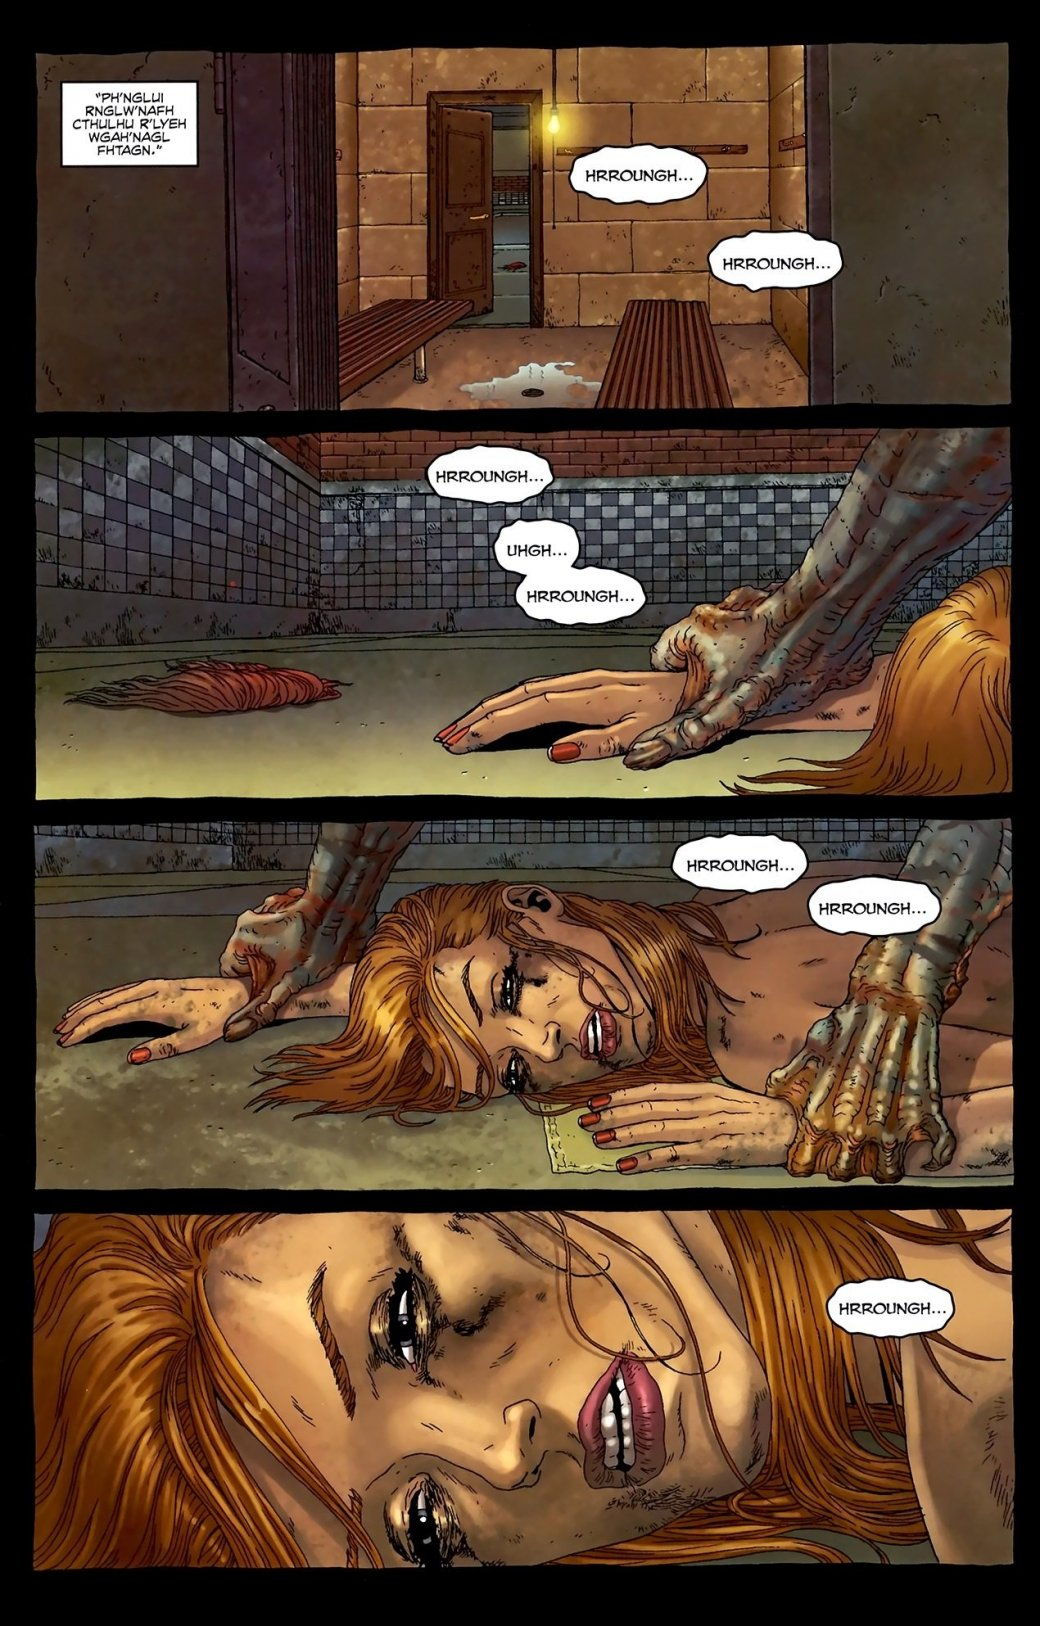 Самые жуткие и отвратительные хоррор-комиксы   Канобу - Изображение 7